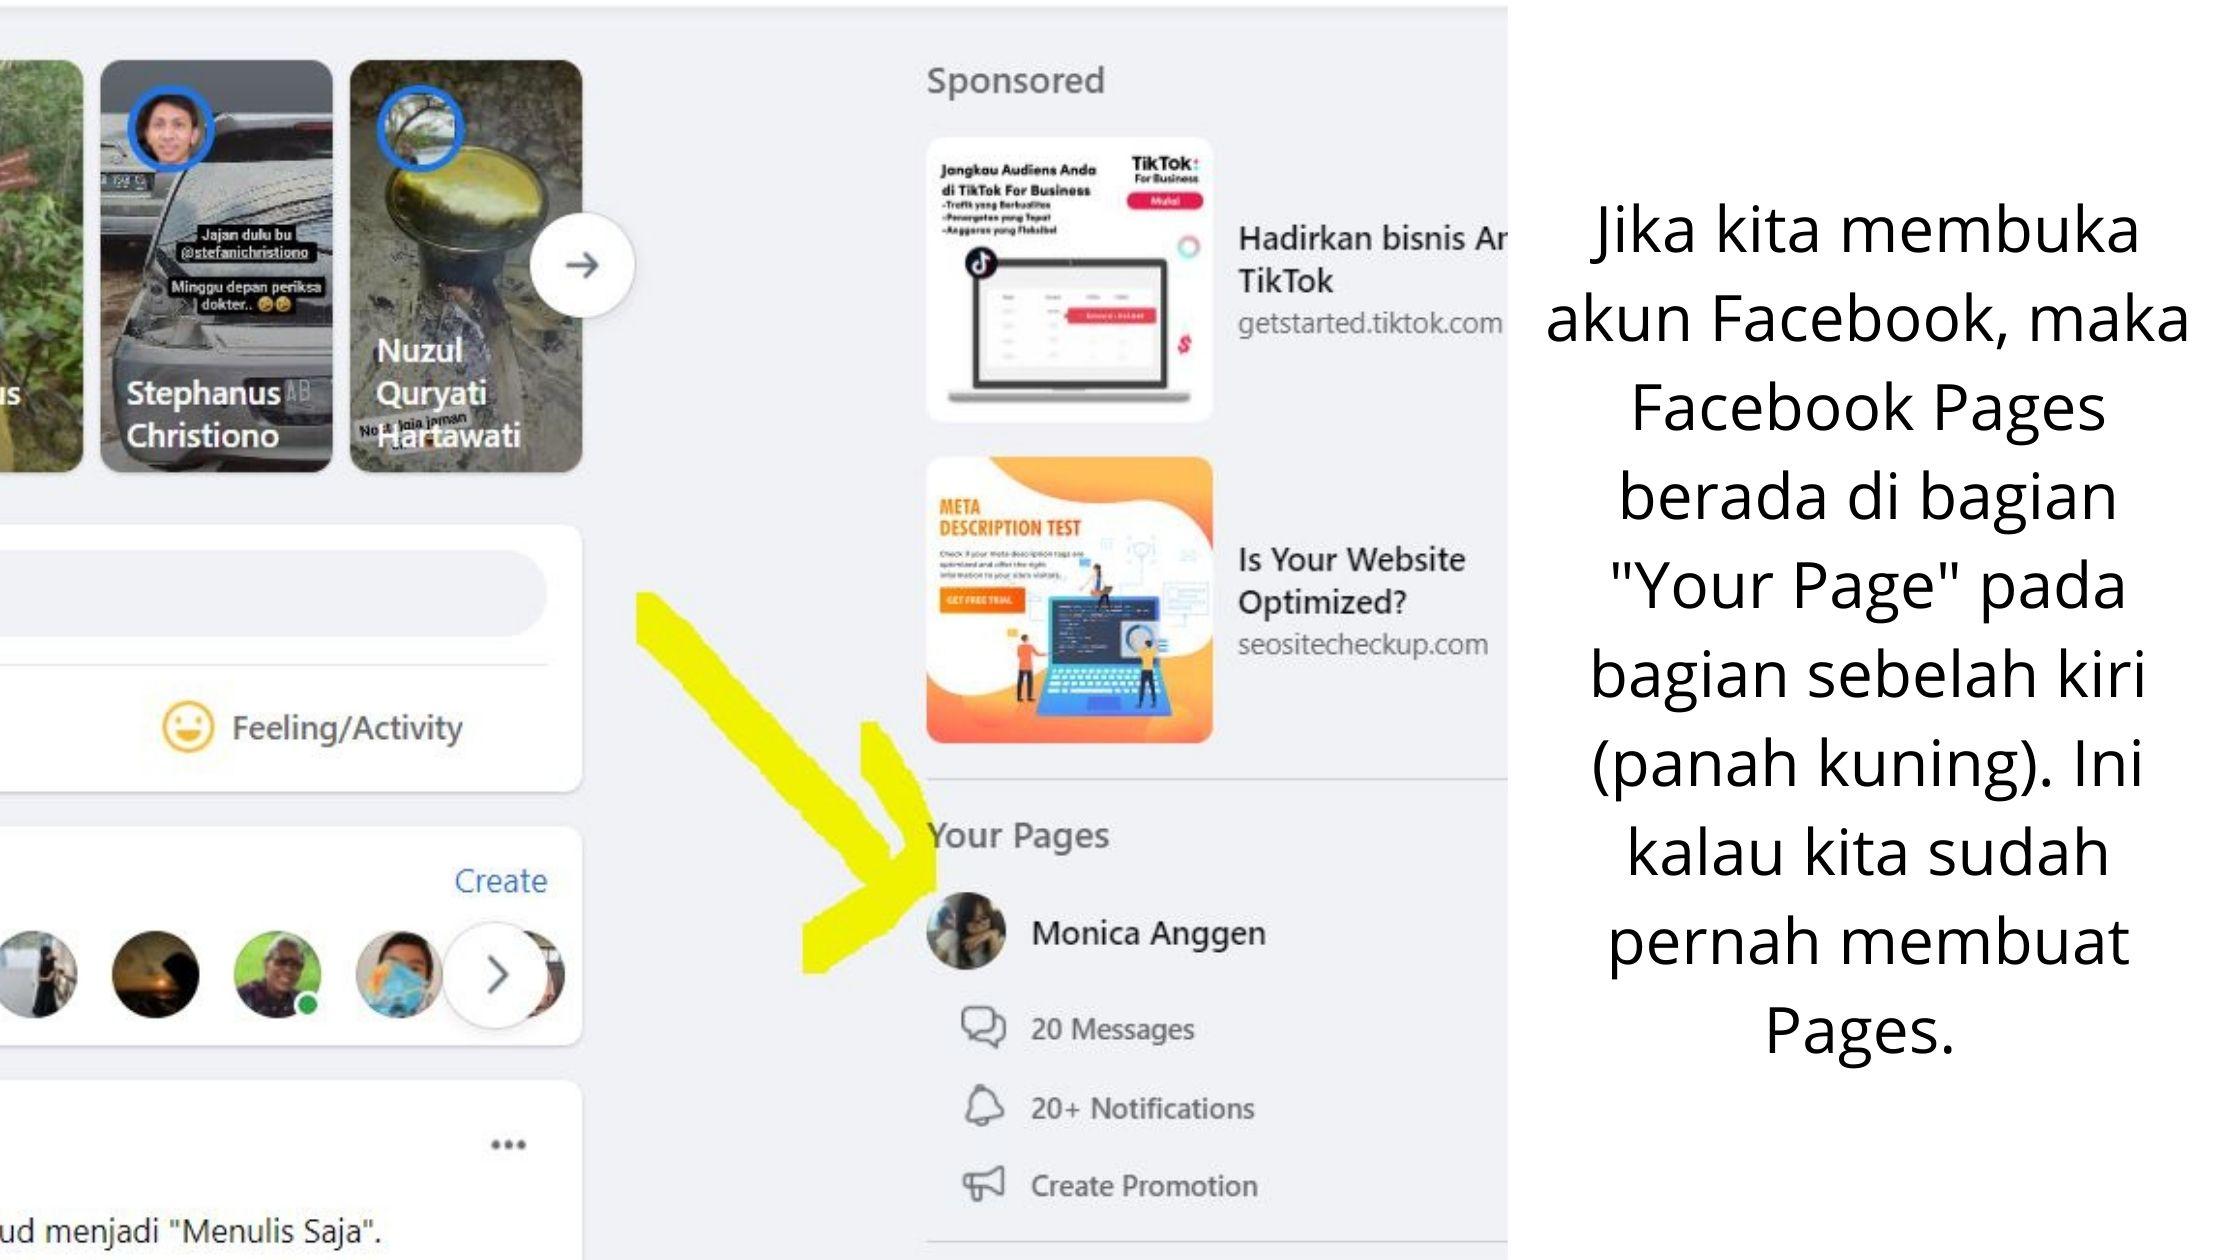 Facebook Ads menggunakan Facebook Pages